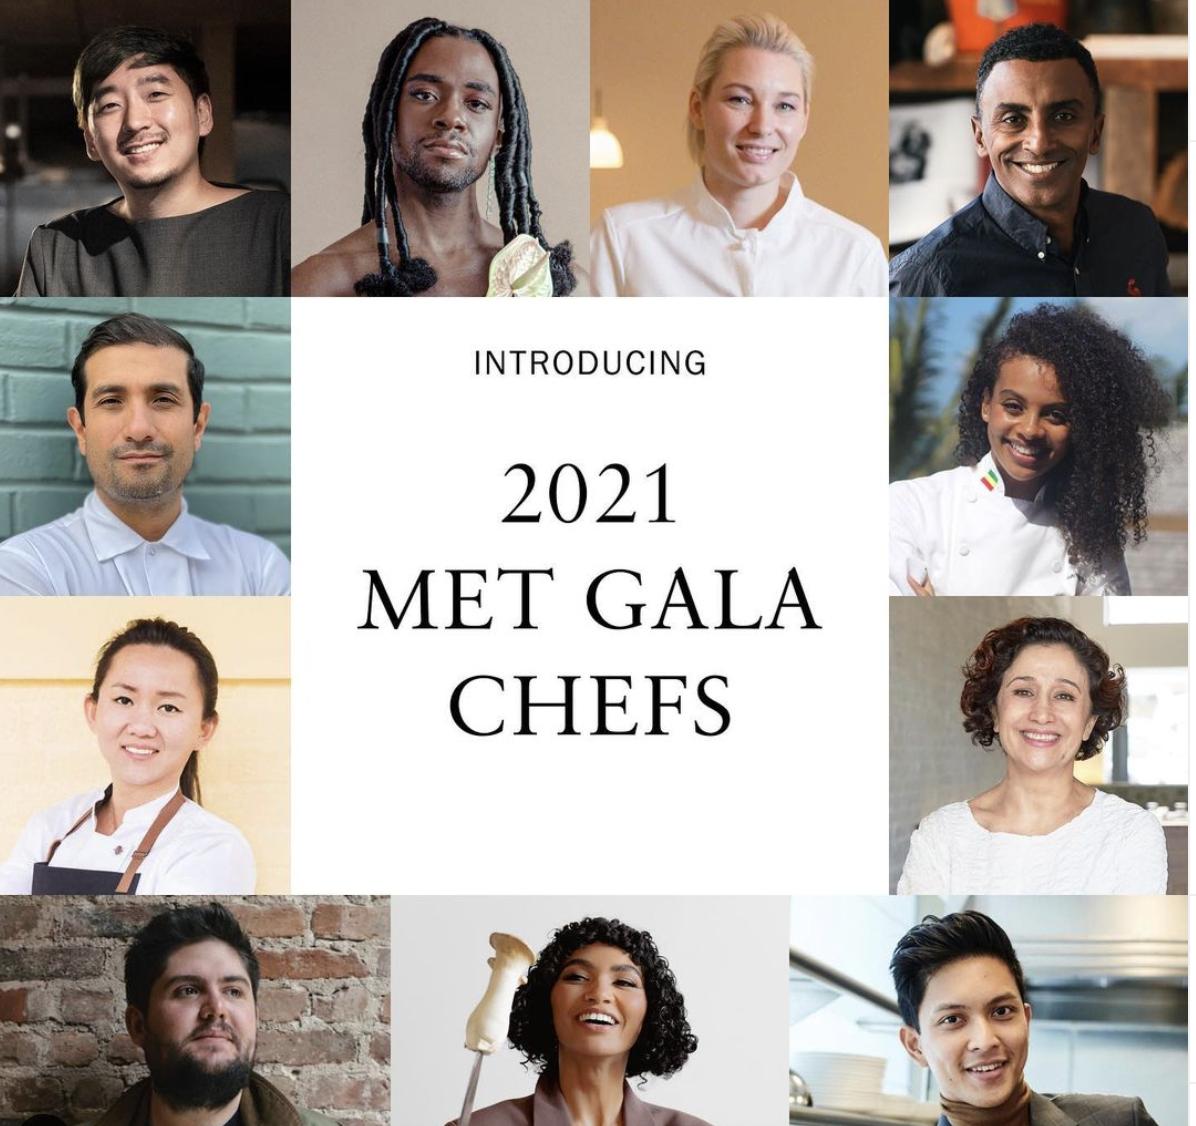 pictures of met gala vegan chefs